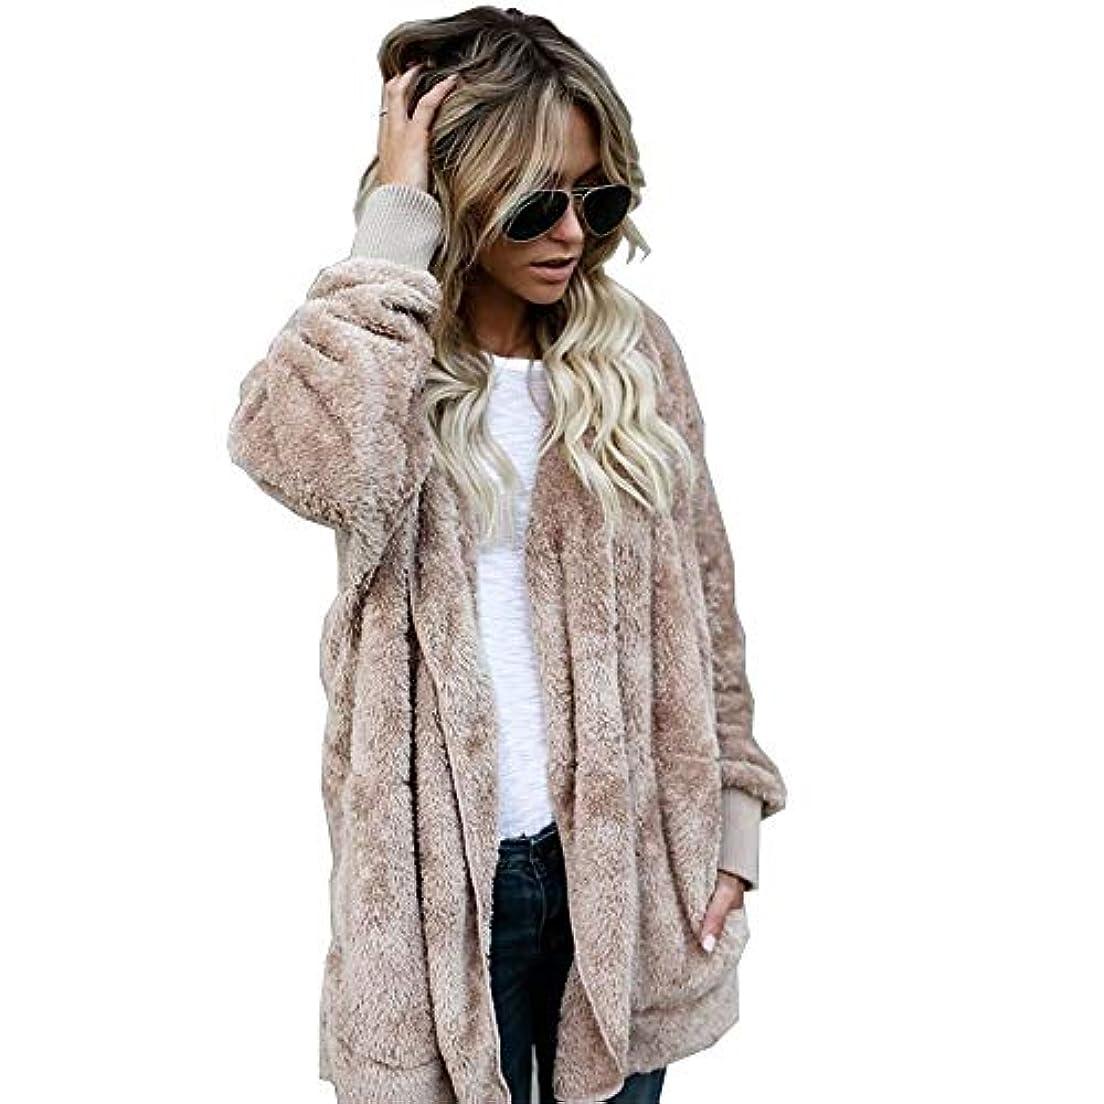 財団結び目ペチュランスMIFAN 長袖パーカー、冬のコート、女性のコート、女性の緩い厚く暖かいフェイクファーフード付きカーディガン